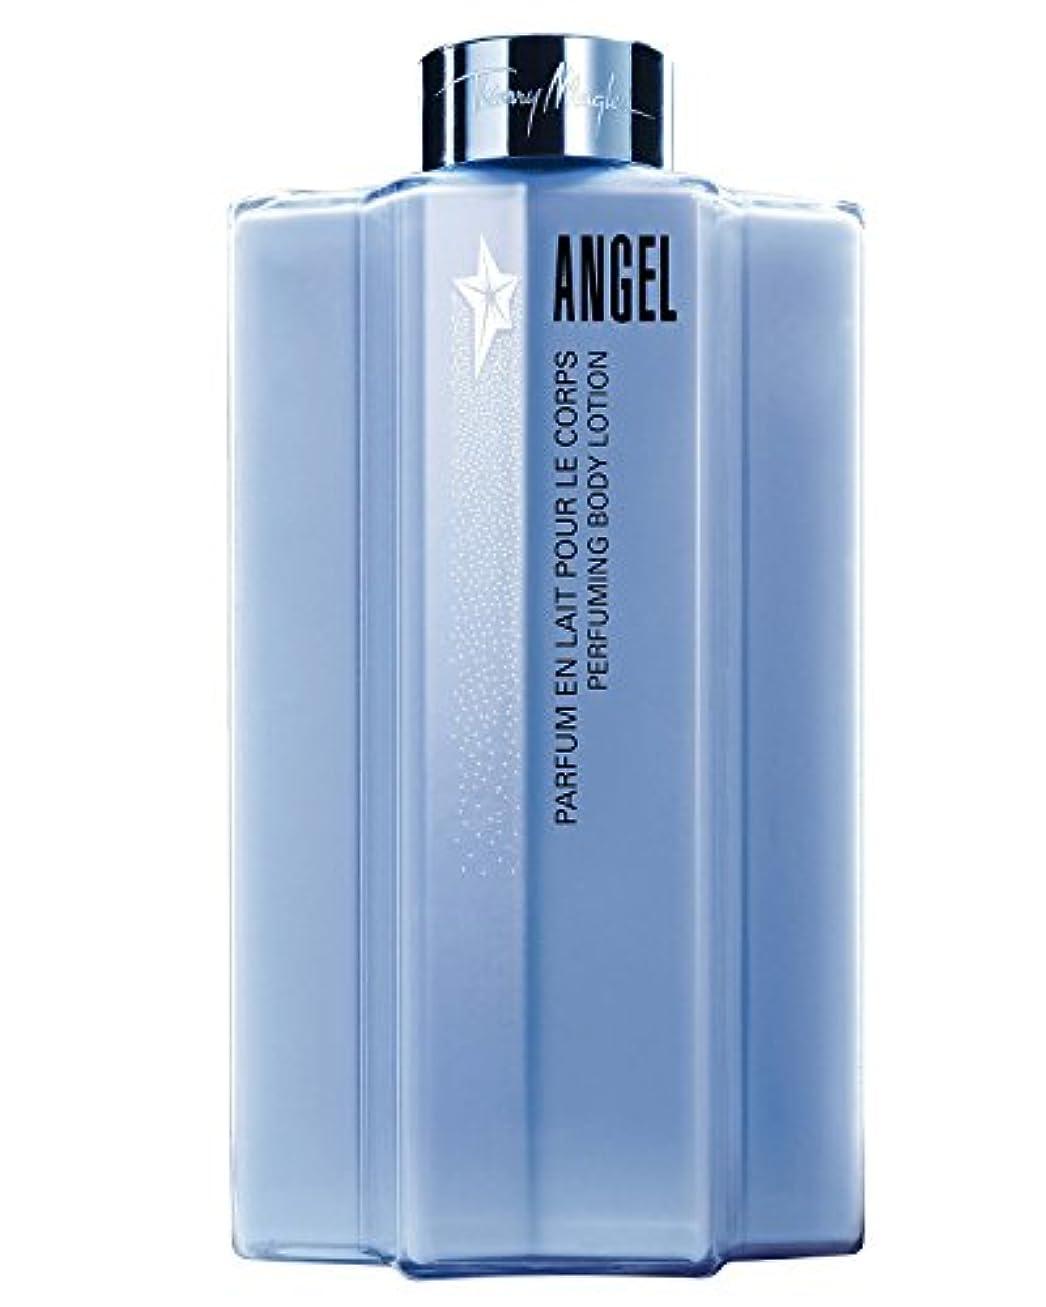 日帰り旅行に一節必須テュエリーミュグレー エンジェルボディローション 200ml THIERRY MUGLER ANGEL BODY LOTION [並行輸入品]